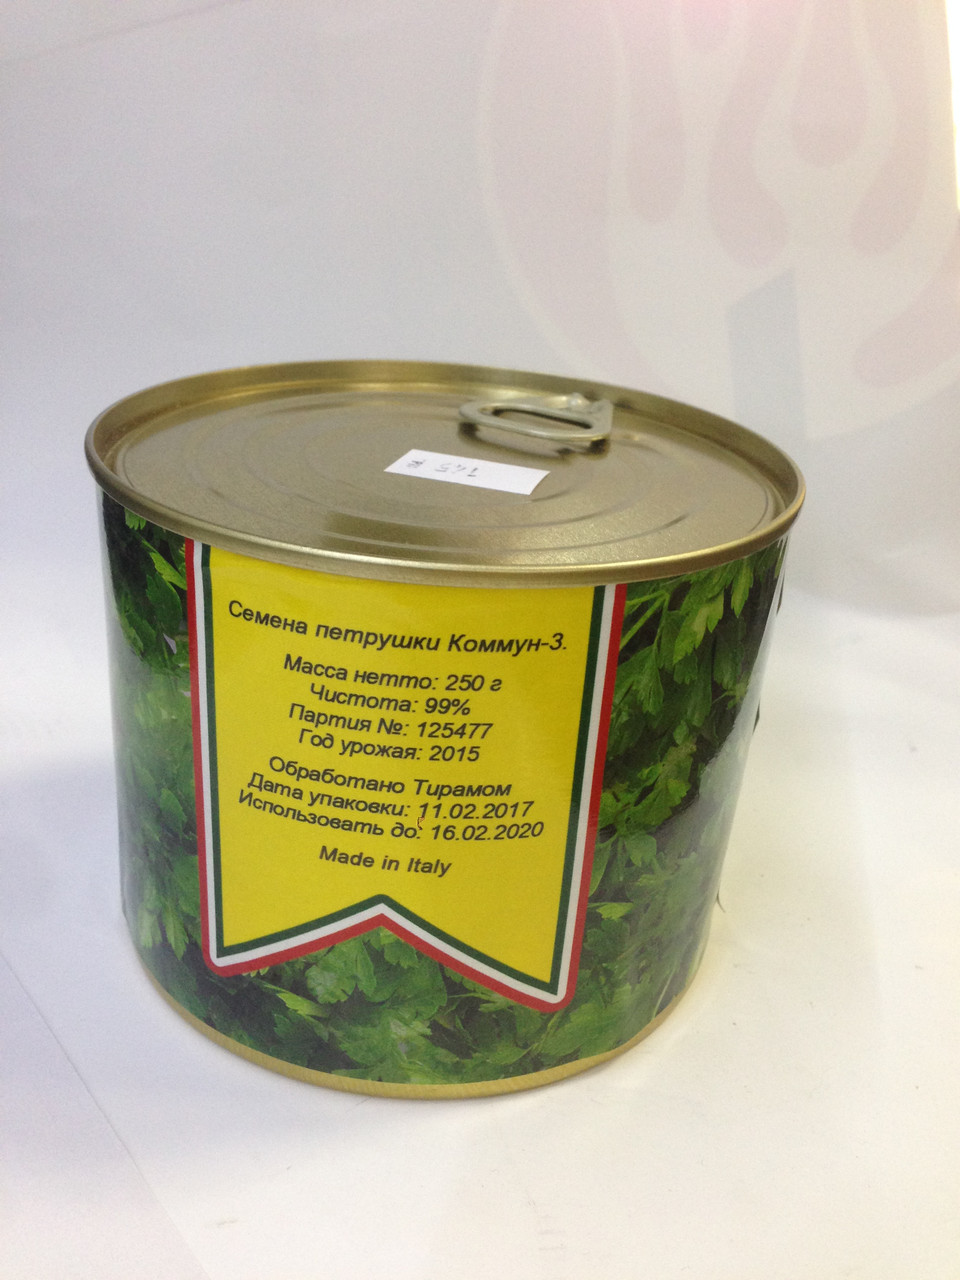 Семена петрушки Коммун-3 250г  Италл Флора